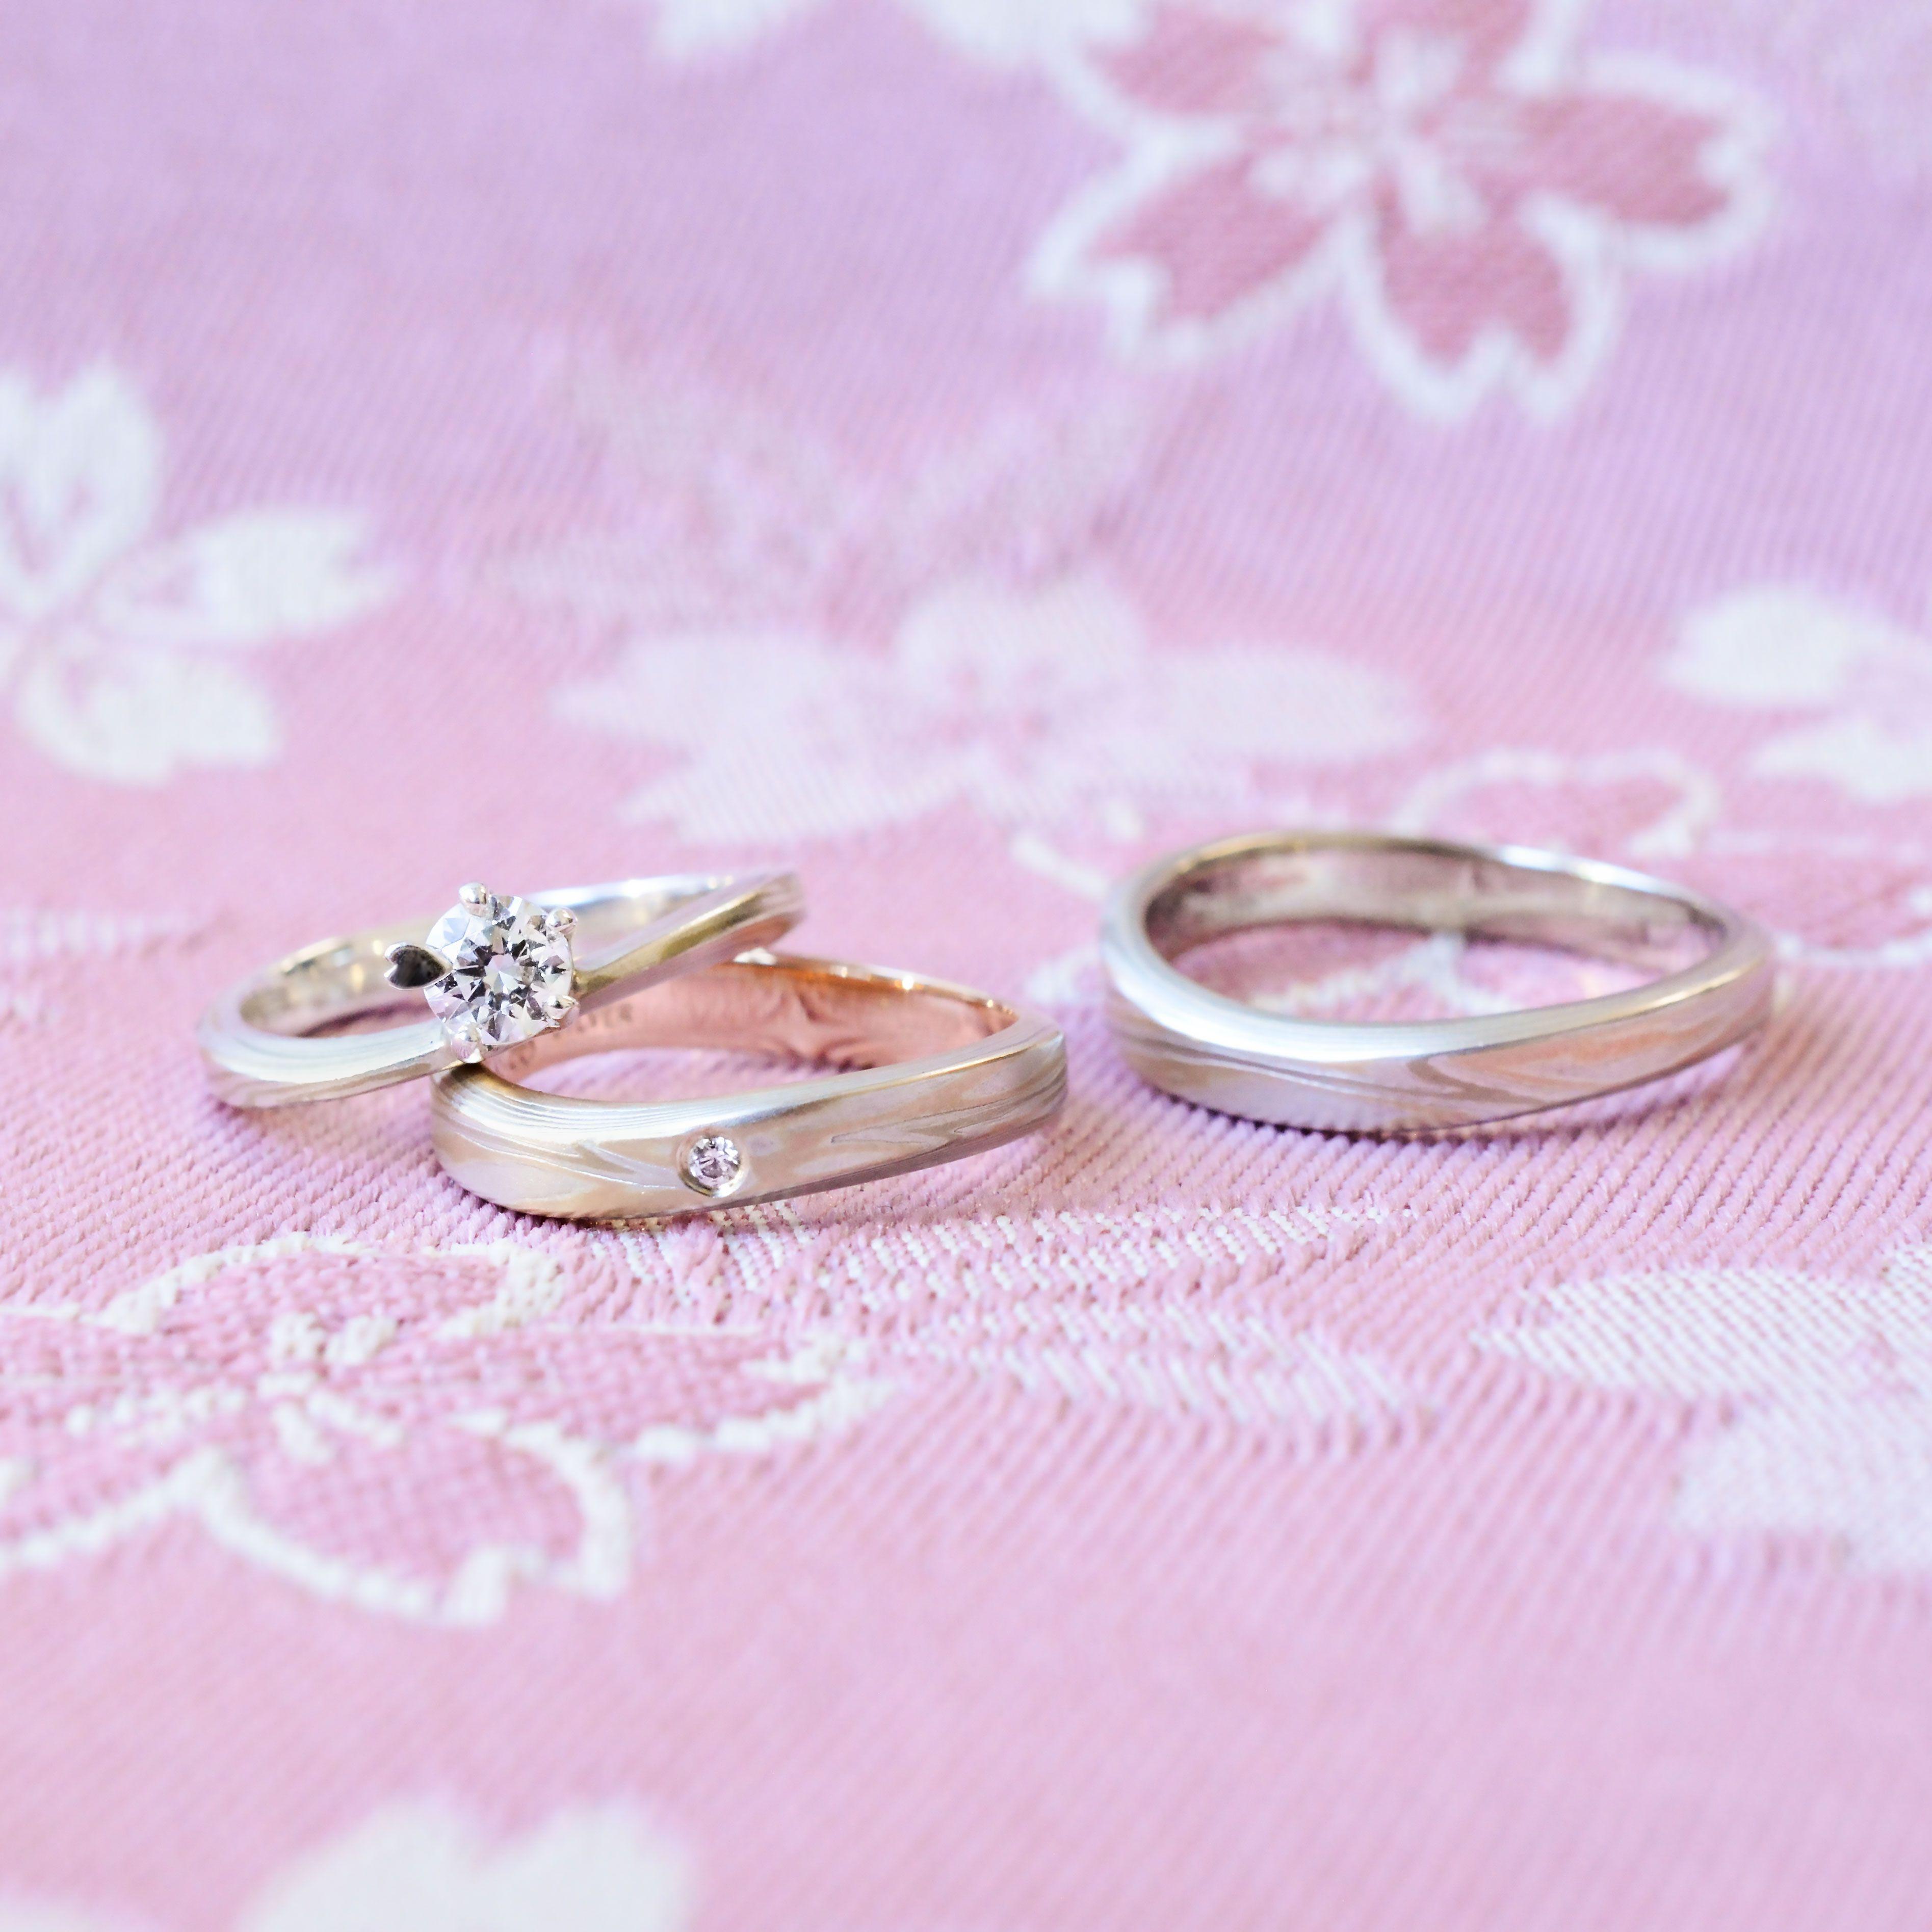 Mokume Gane Wedding bands [Koi-kaze] 木目金の結婚指輪「恋風 ...